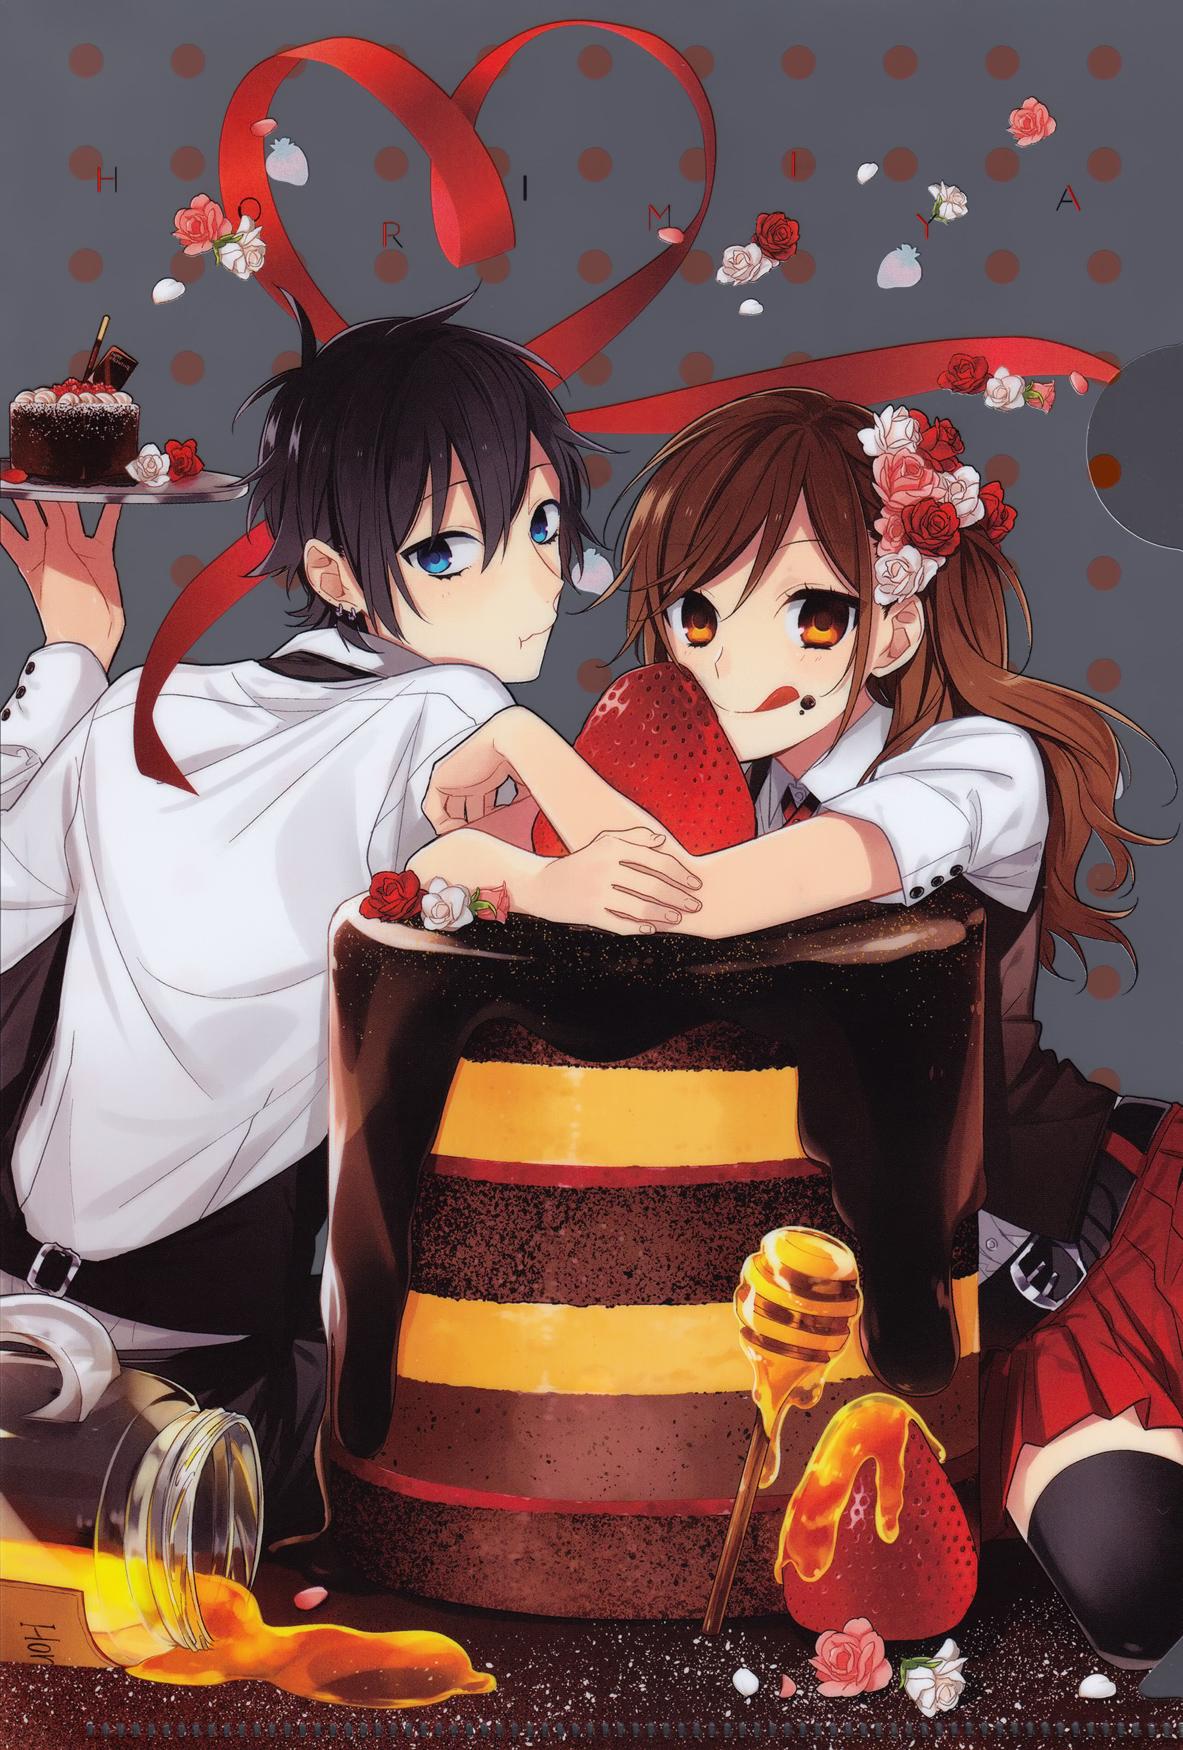 http://c5.ninemanga.com/es_manga/19/1043/439400/39f1efe347e996ac5847f519d182ffdd.jpg Page 3